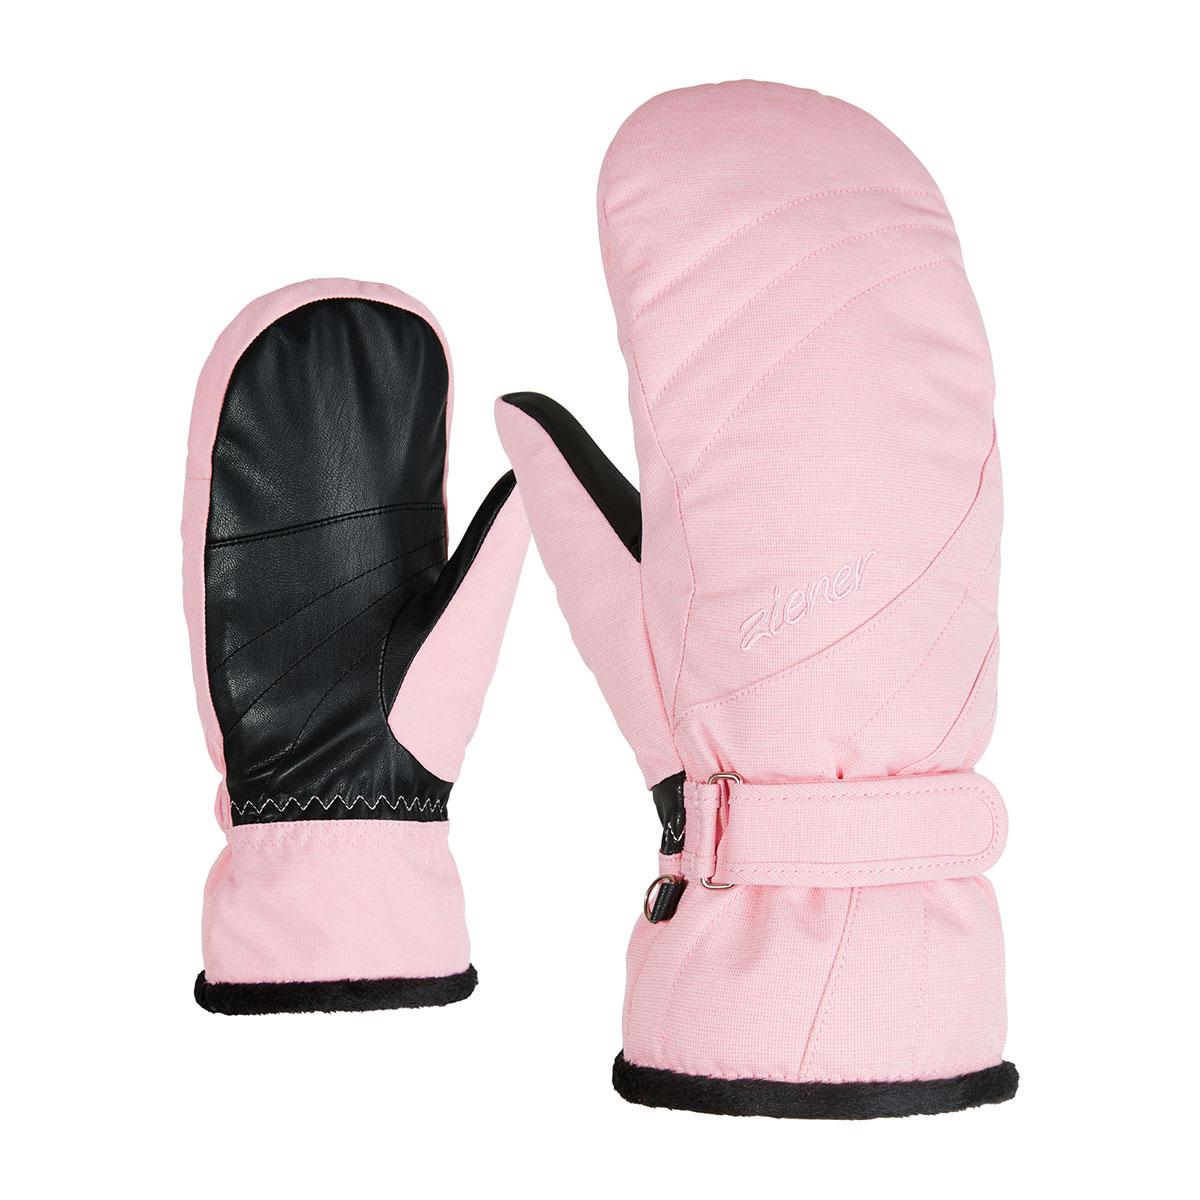 Ziener Kilenis Pr Mitten Lady Glove 2022